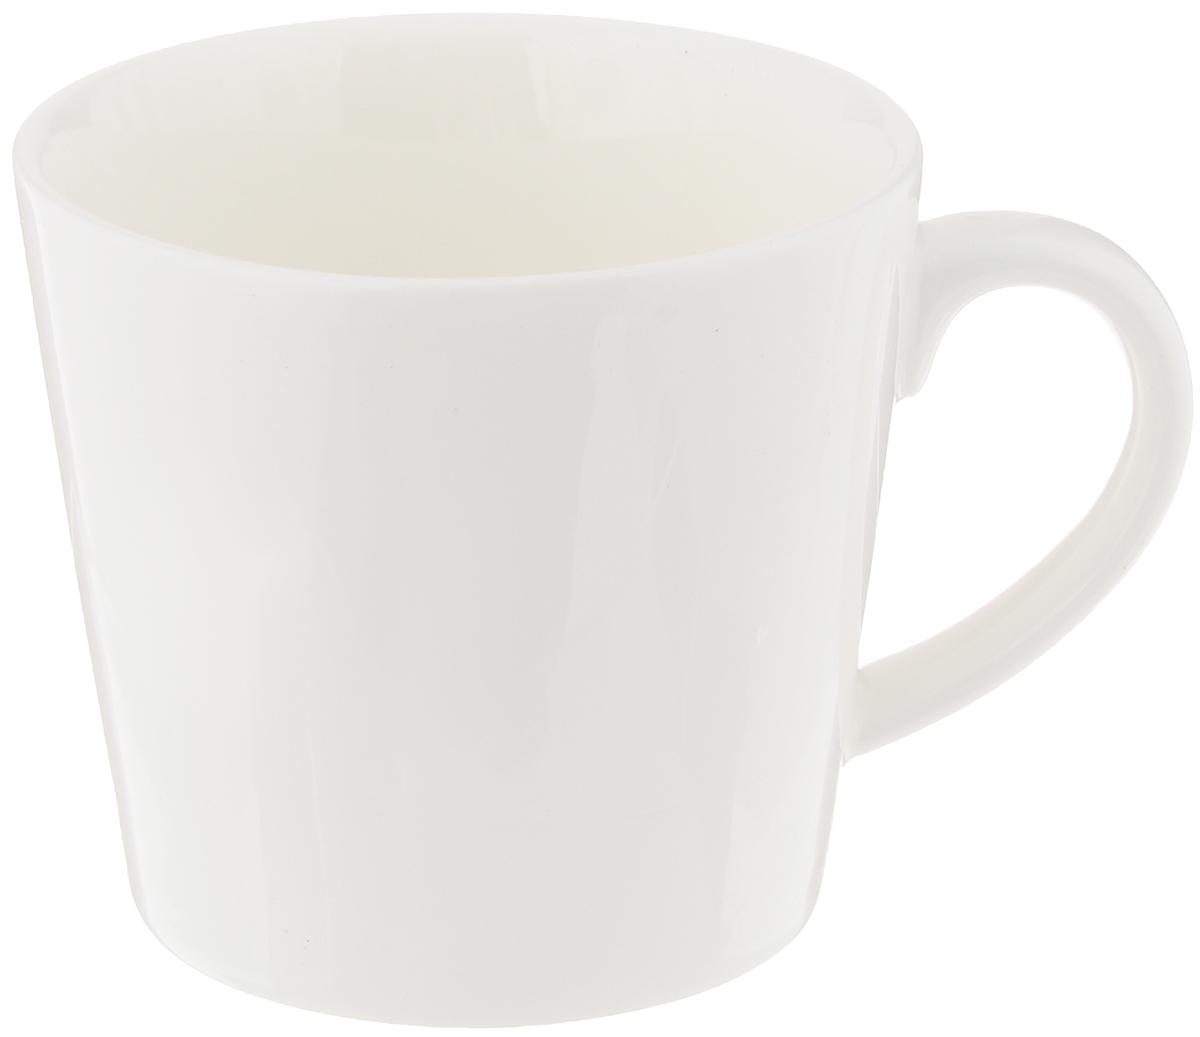 Кружка Wilmax, 280 млWL-993015 / A, WL-993101 / AИзящная кружка Wilmax выполнена из высококачественного фарфора. Изделие впишется в любой интерьер современной кухни, а также станет отличным дополнением к сервировке праздничного или обеденного стола. Диаметр кружки (по верхнему краю): 8,5 см.